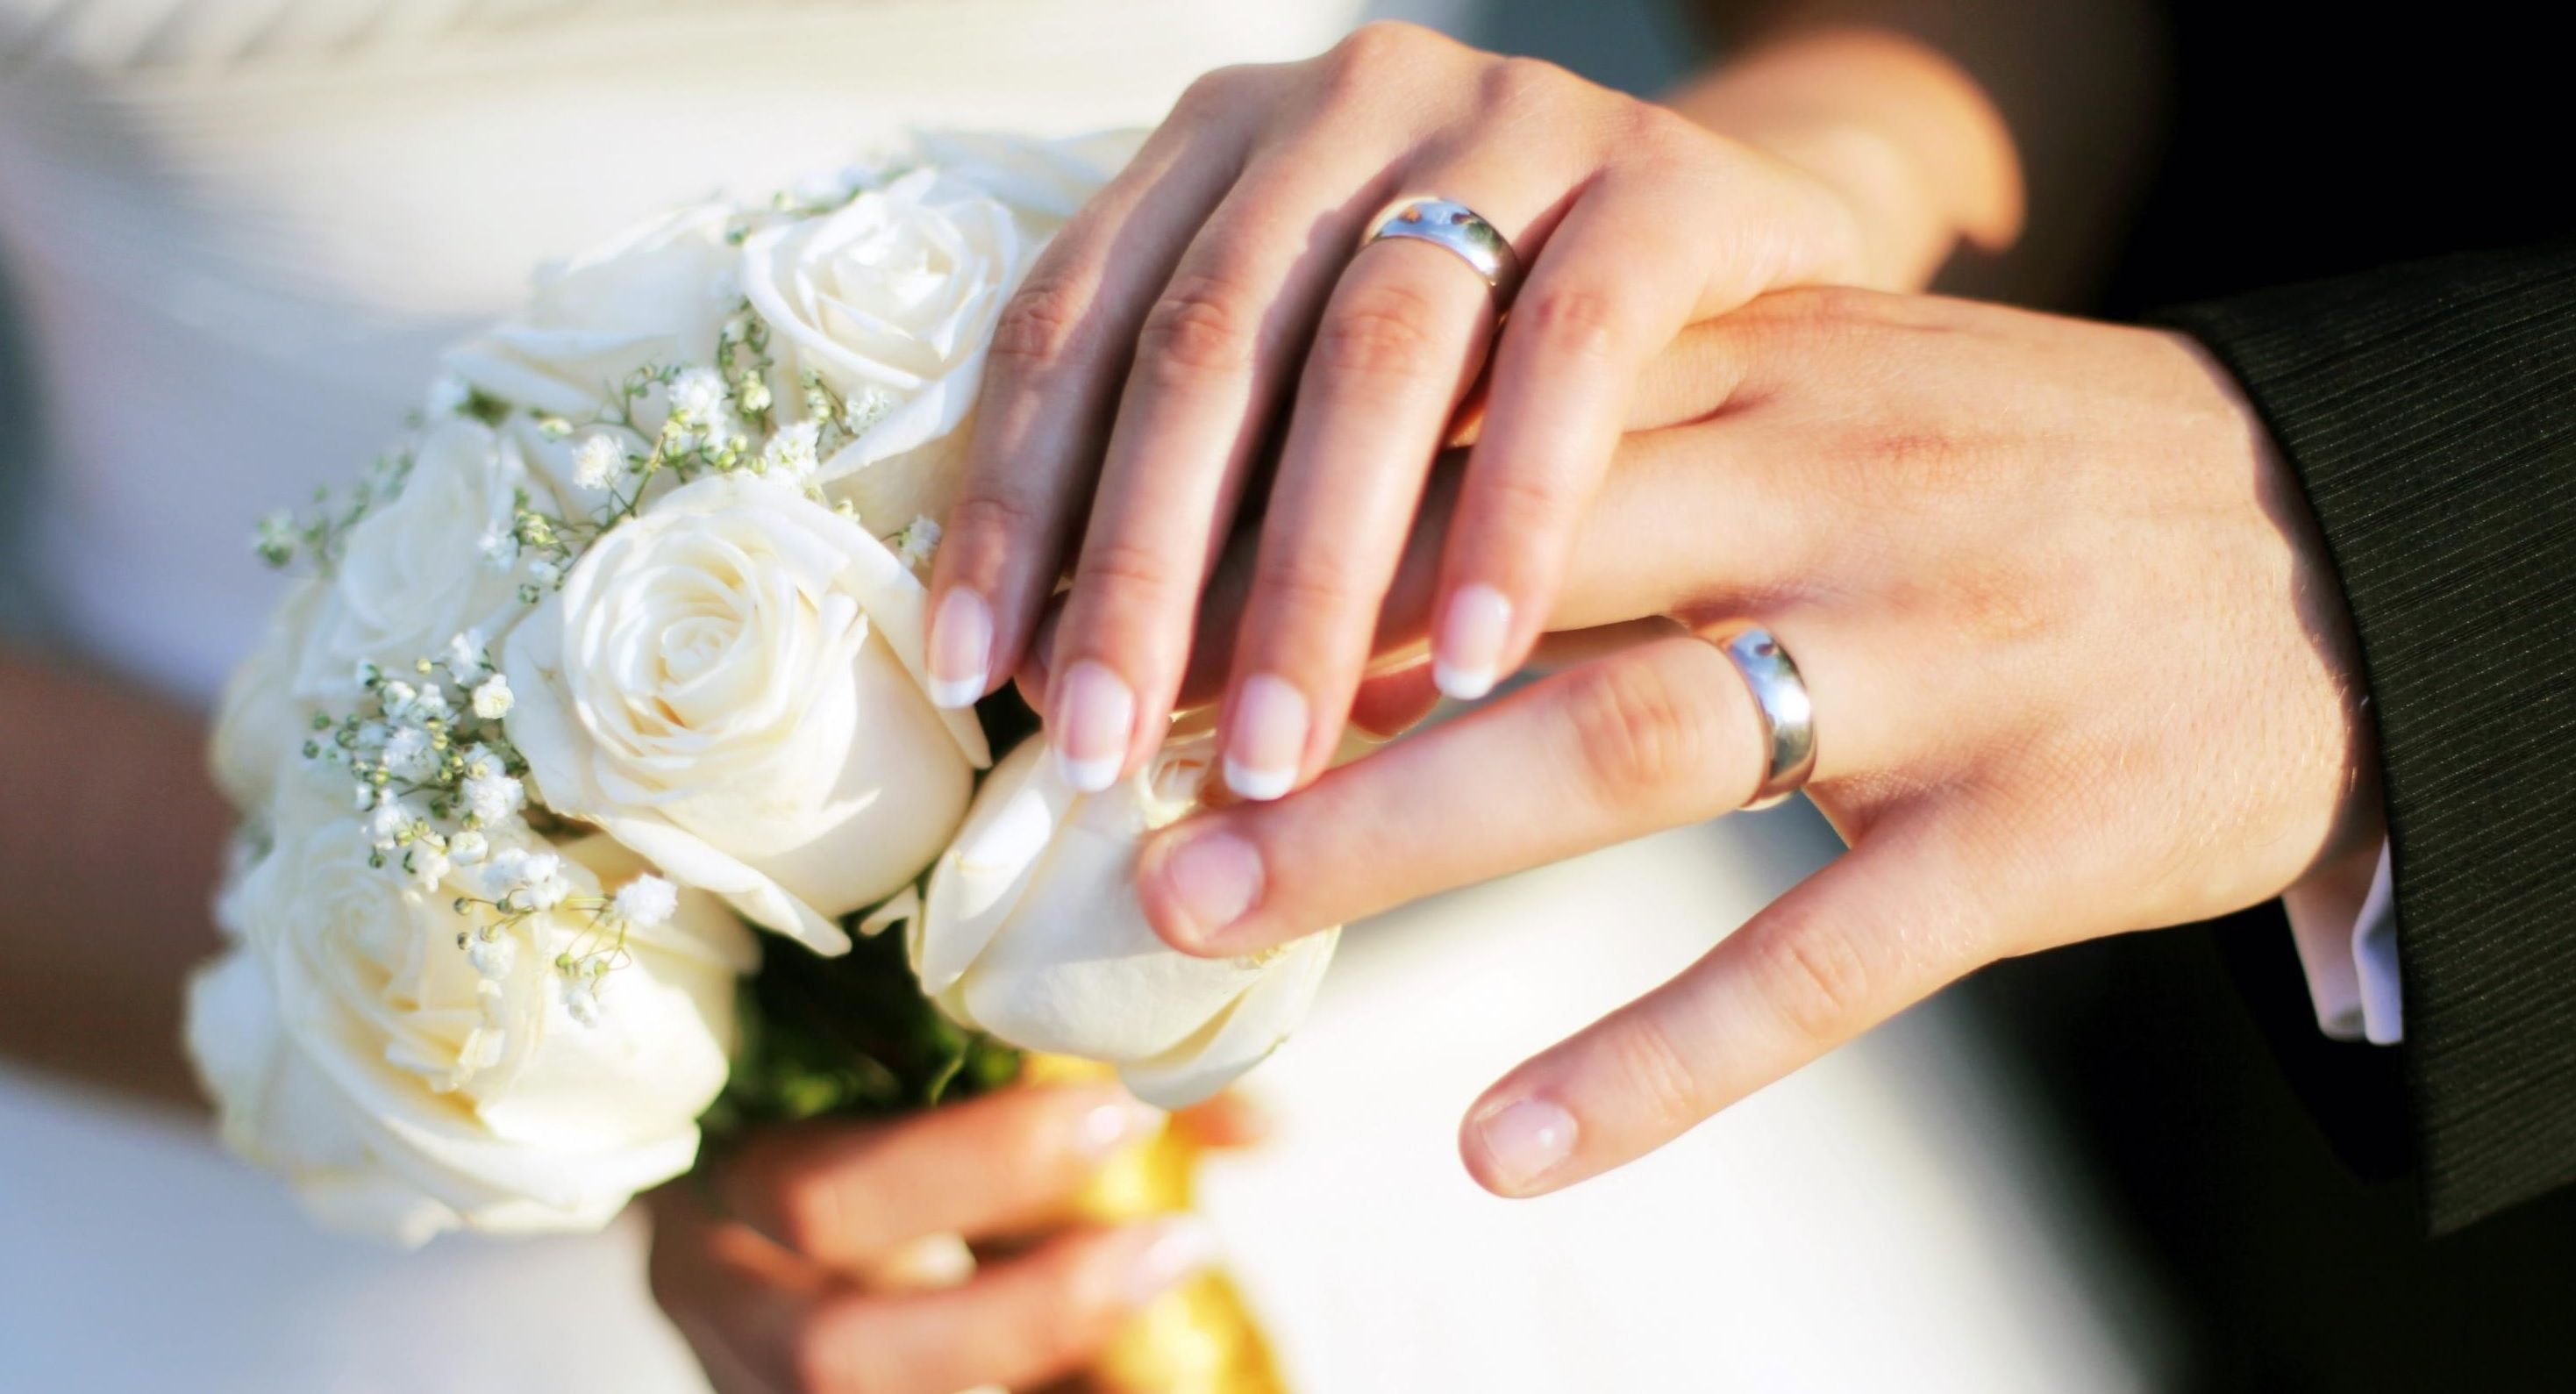 بازپرداخت وام ازدواج ۵ ساله شد